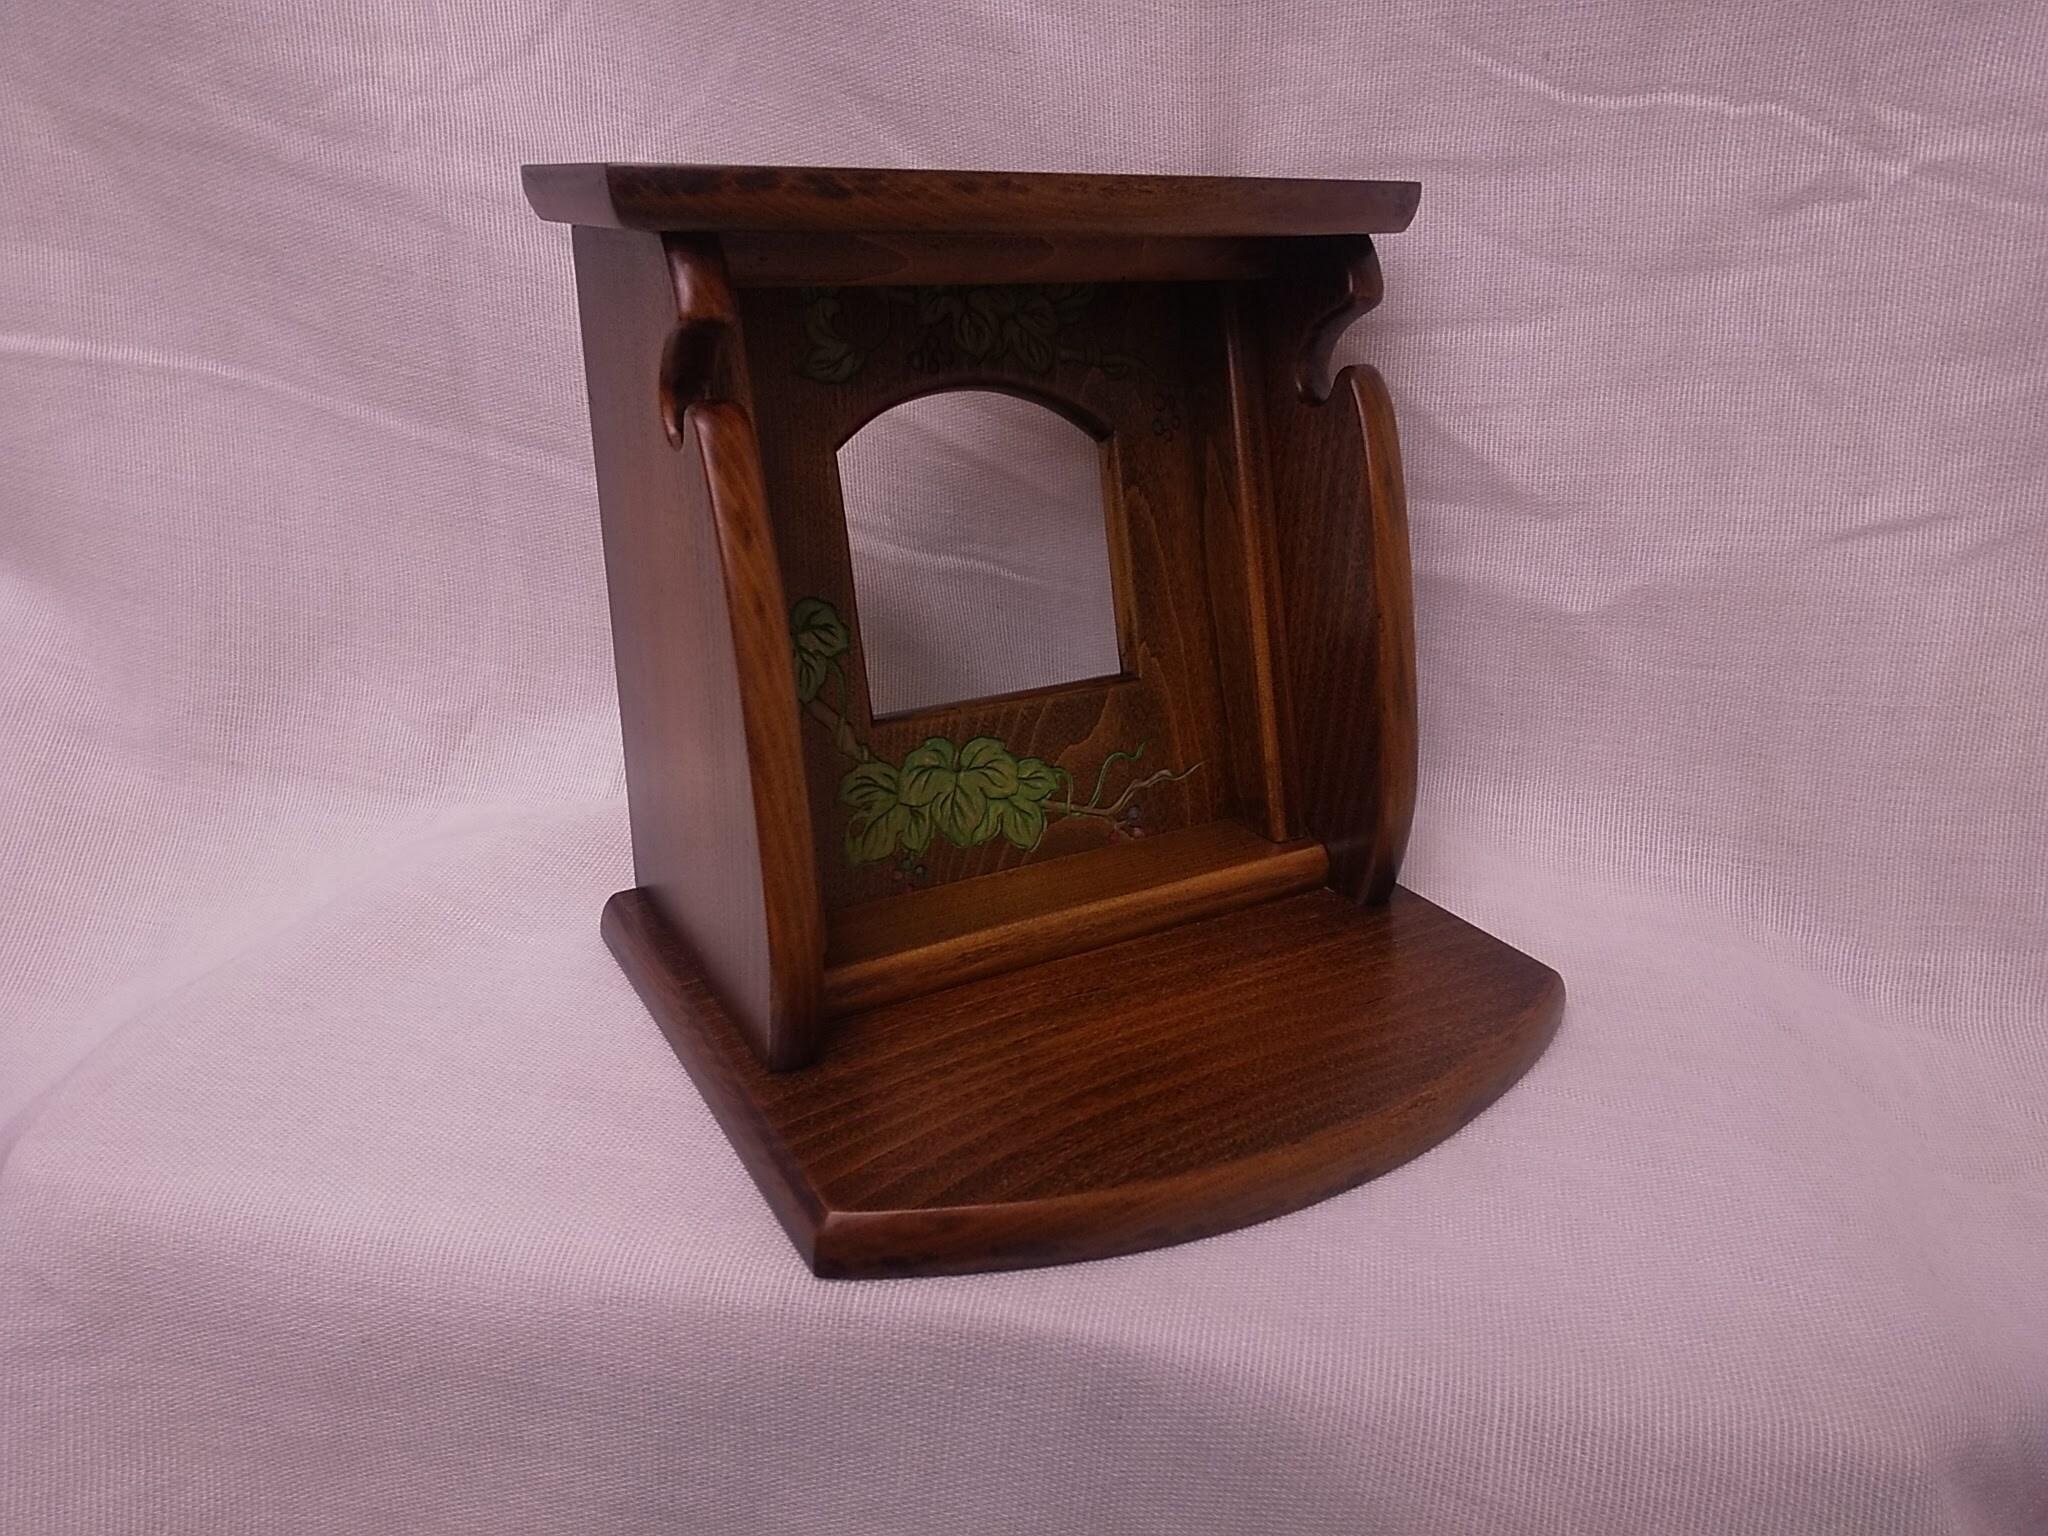 メモリーボックス野葡萄